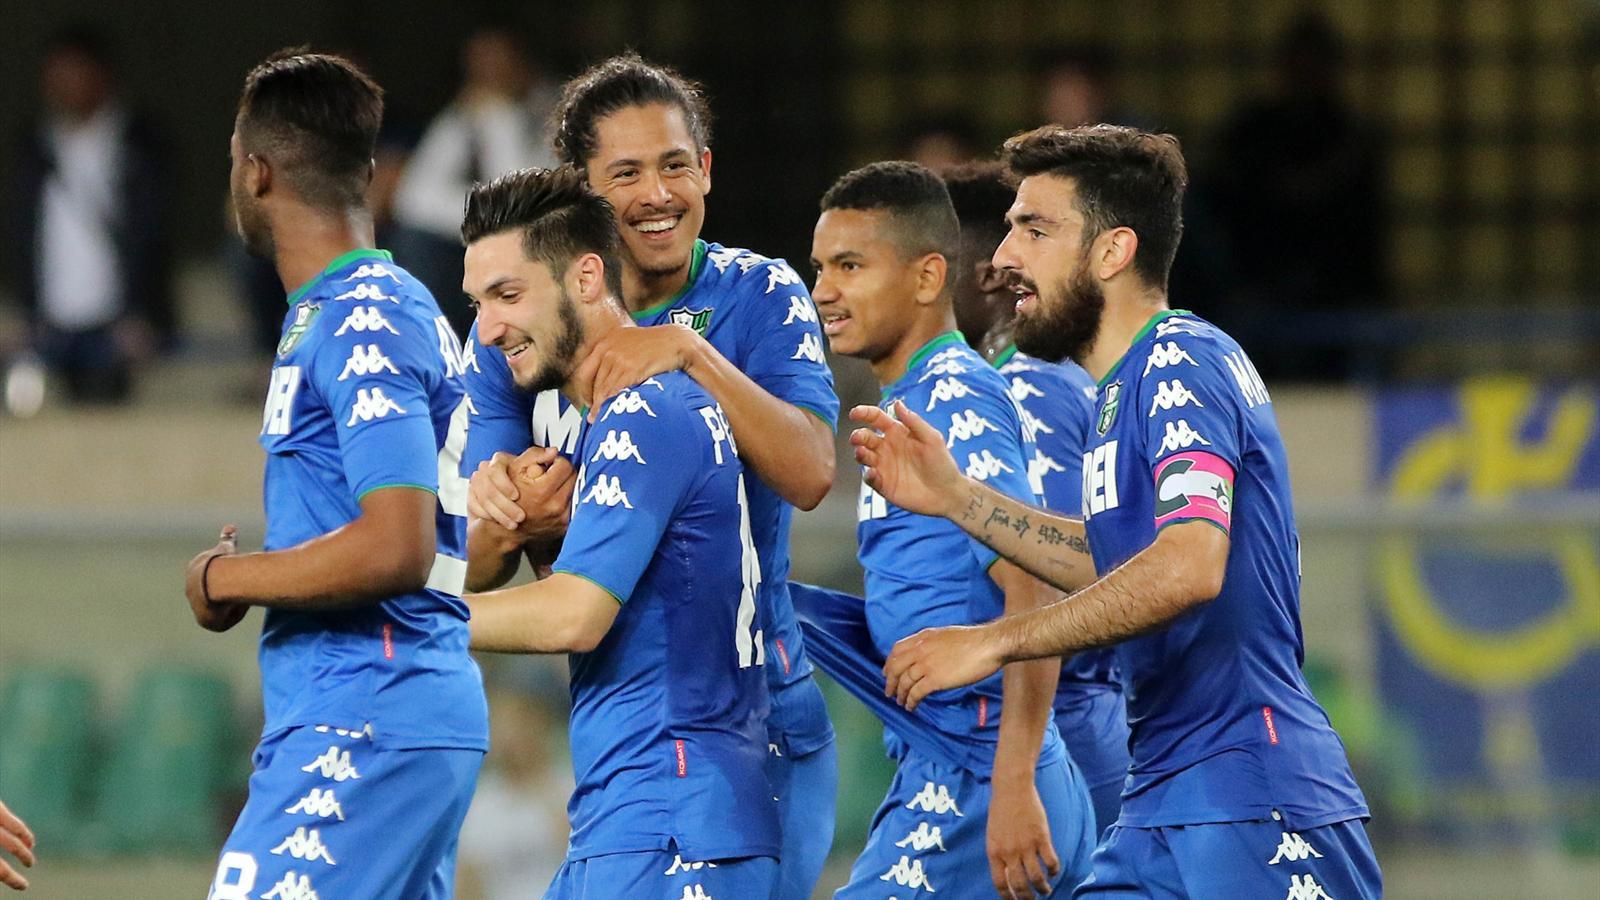 Le pagelle Hellas Verona-Sassuolo 0-1 - Serie A 2017-2018 ...